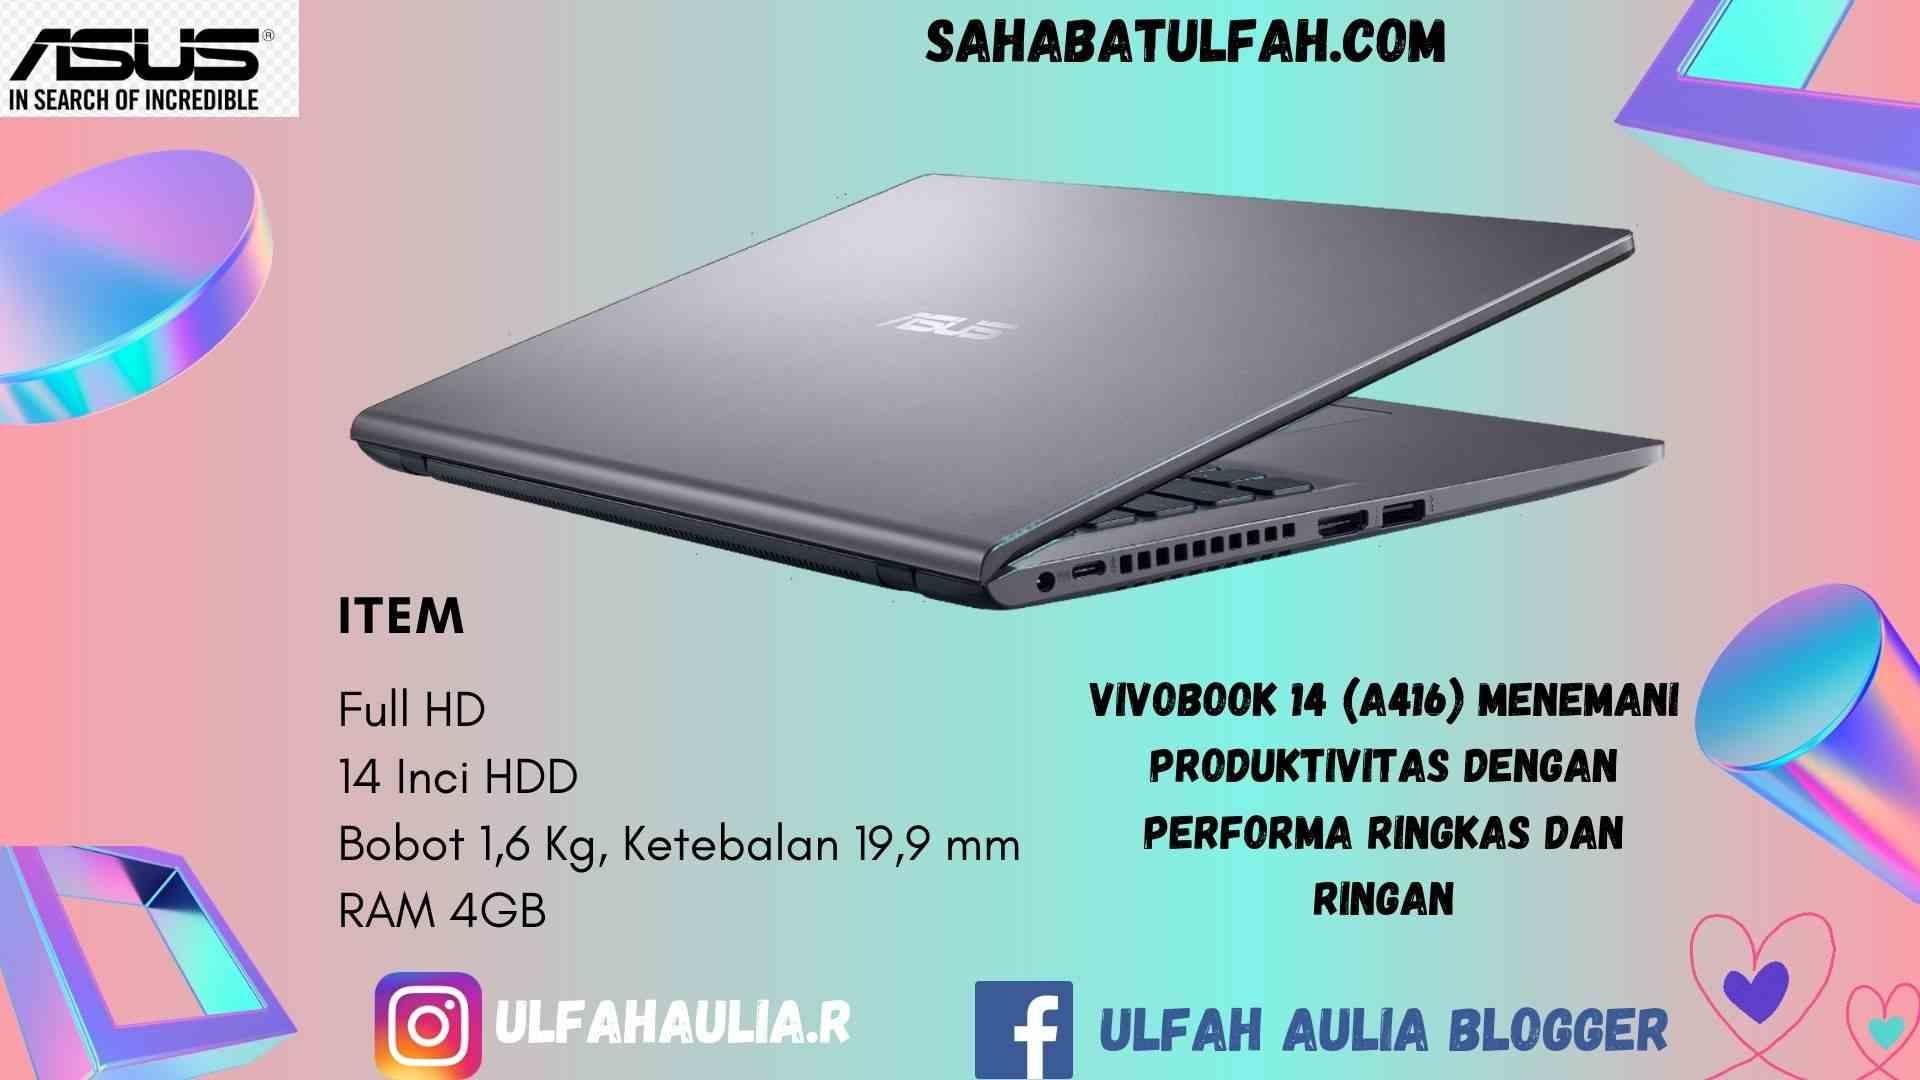 Asus VivoBook 14 (A416) Jadikan Aktivitas Lebih Produktif dan Berkualitas